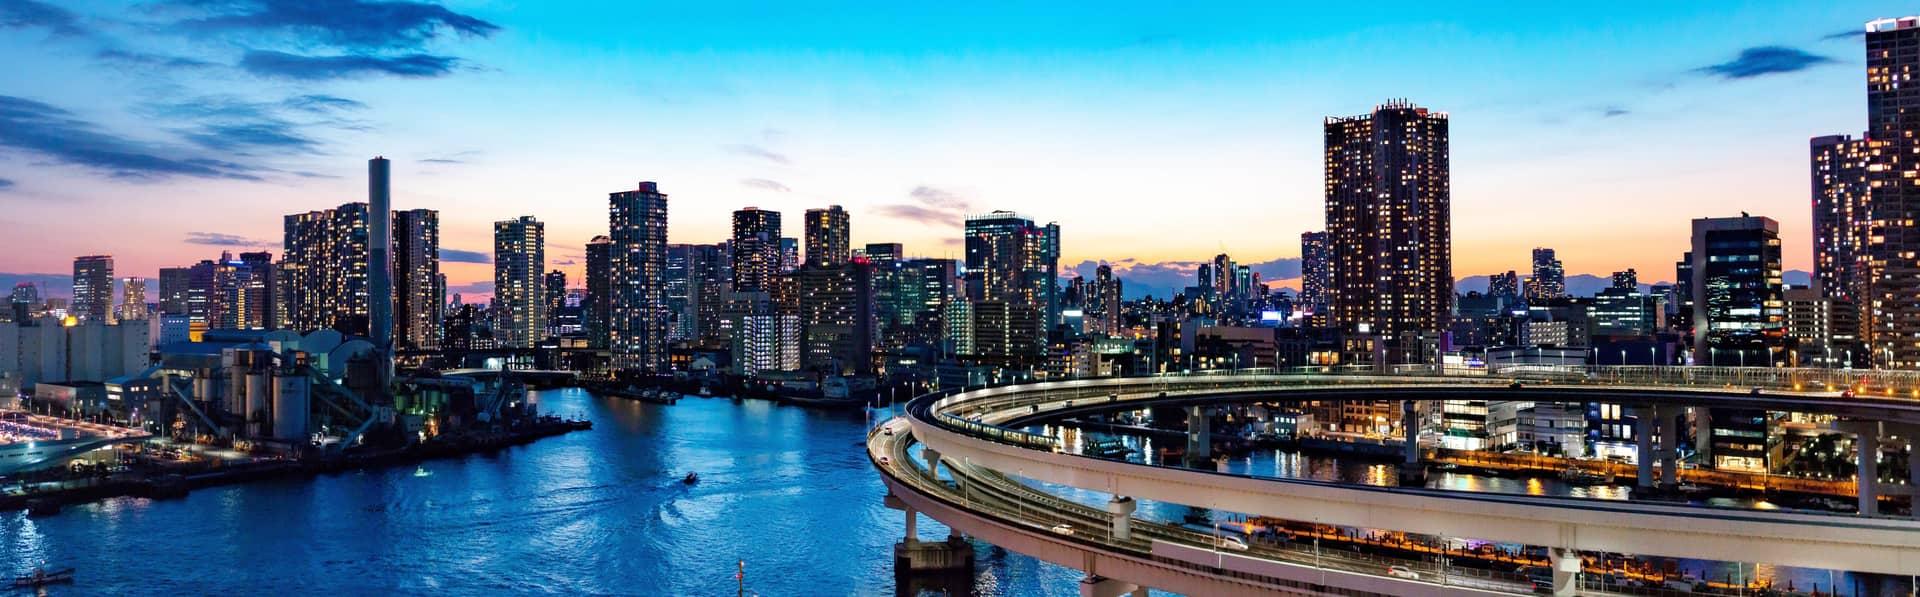 Markttreiber - Bevölkerungswachstum - Neue Mittelklasse - Urbanisierung